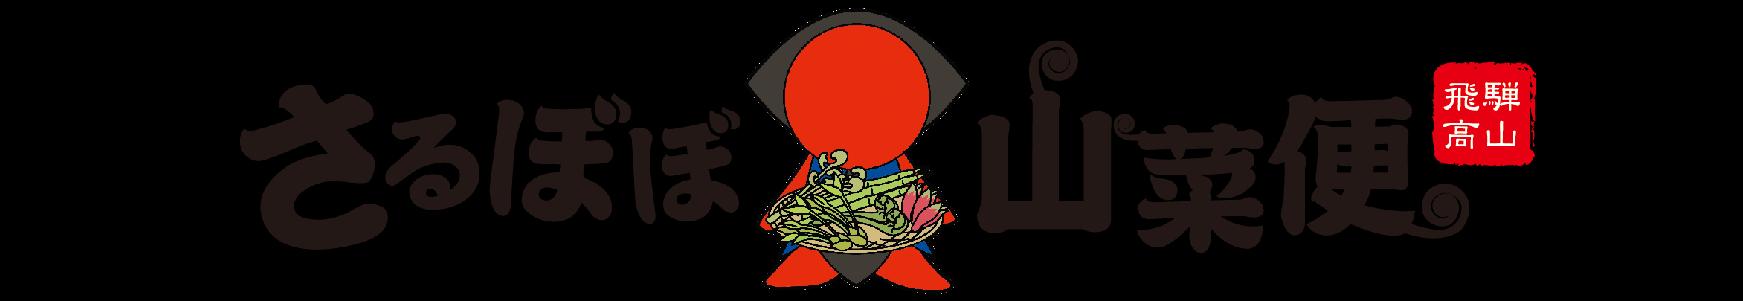 飛騨高山の天然山菜通販サイト 『さるぼぼ山菜便』